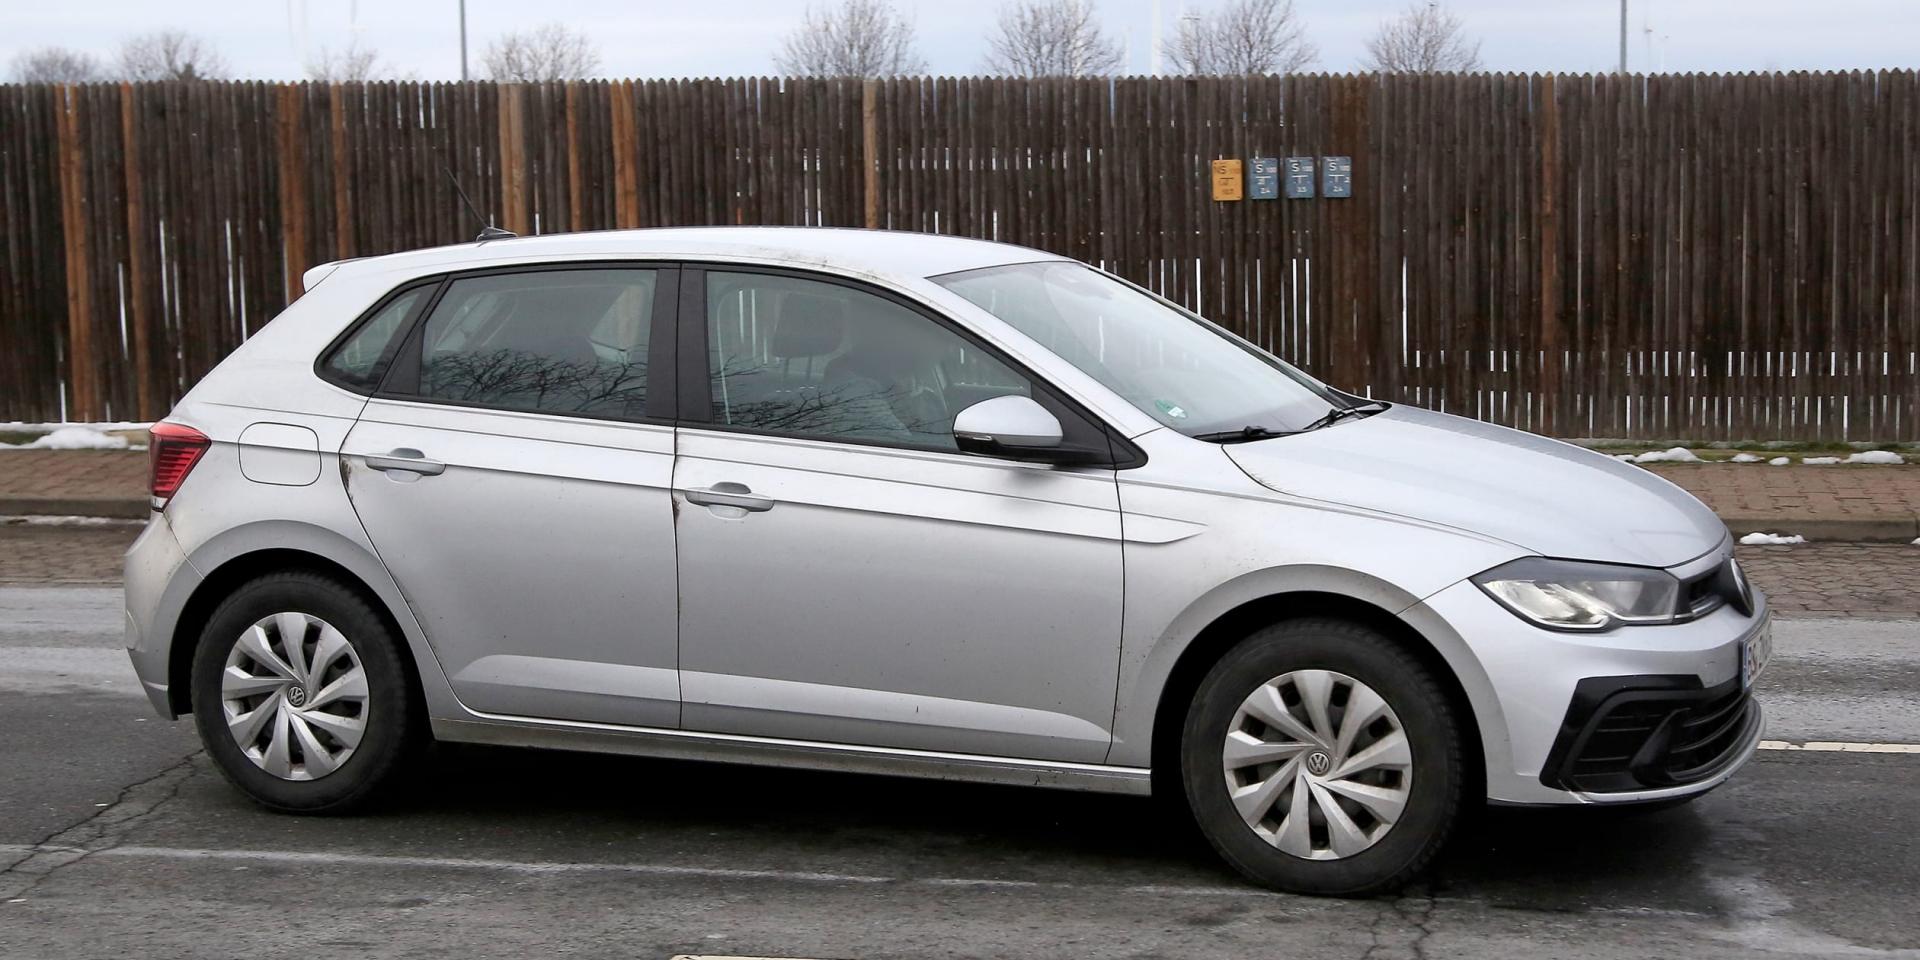 Volkswagen Polo小改款測試車現蹤!小老弟也要「Golf」化!